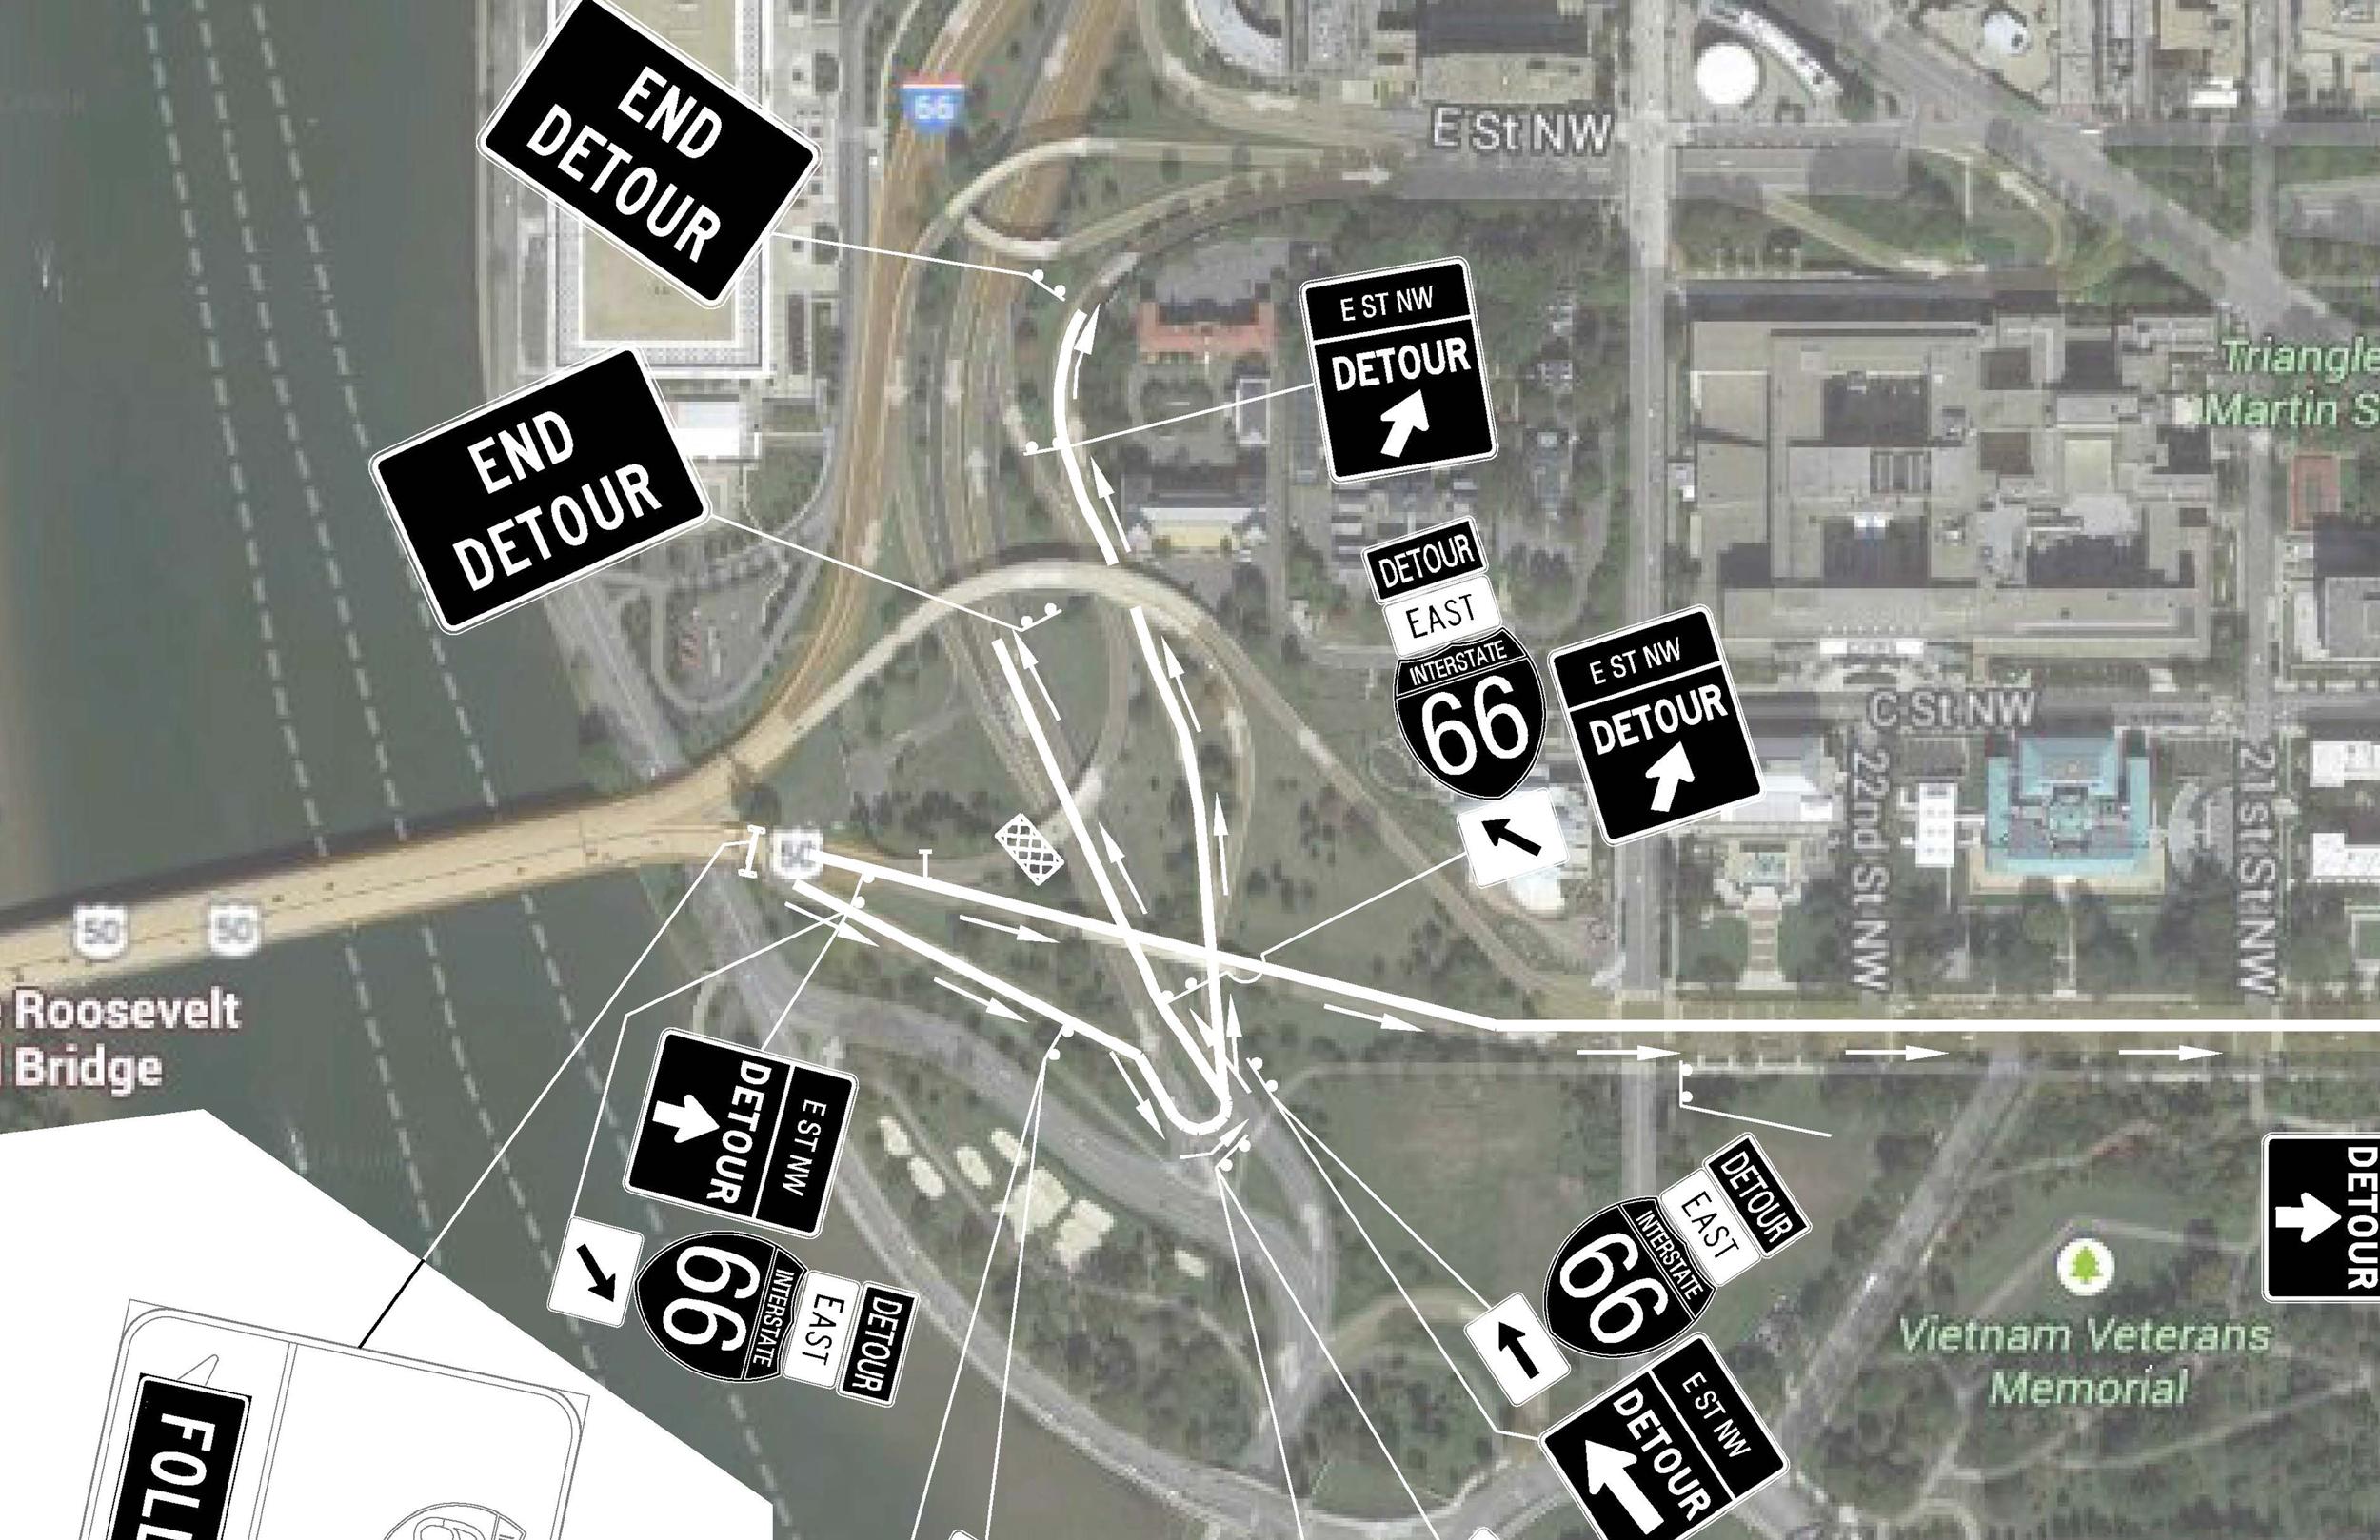 Construction and Event Detours